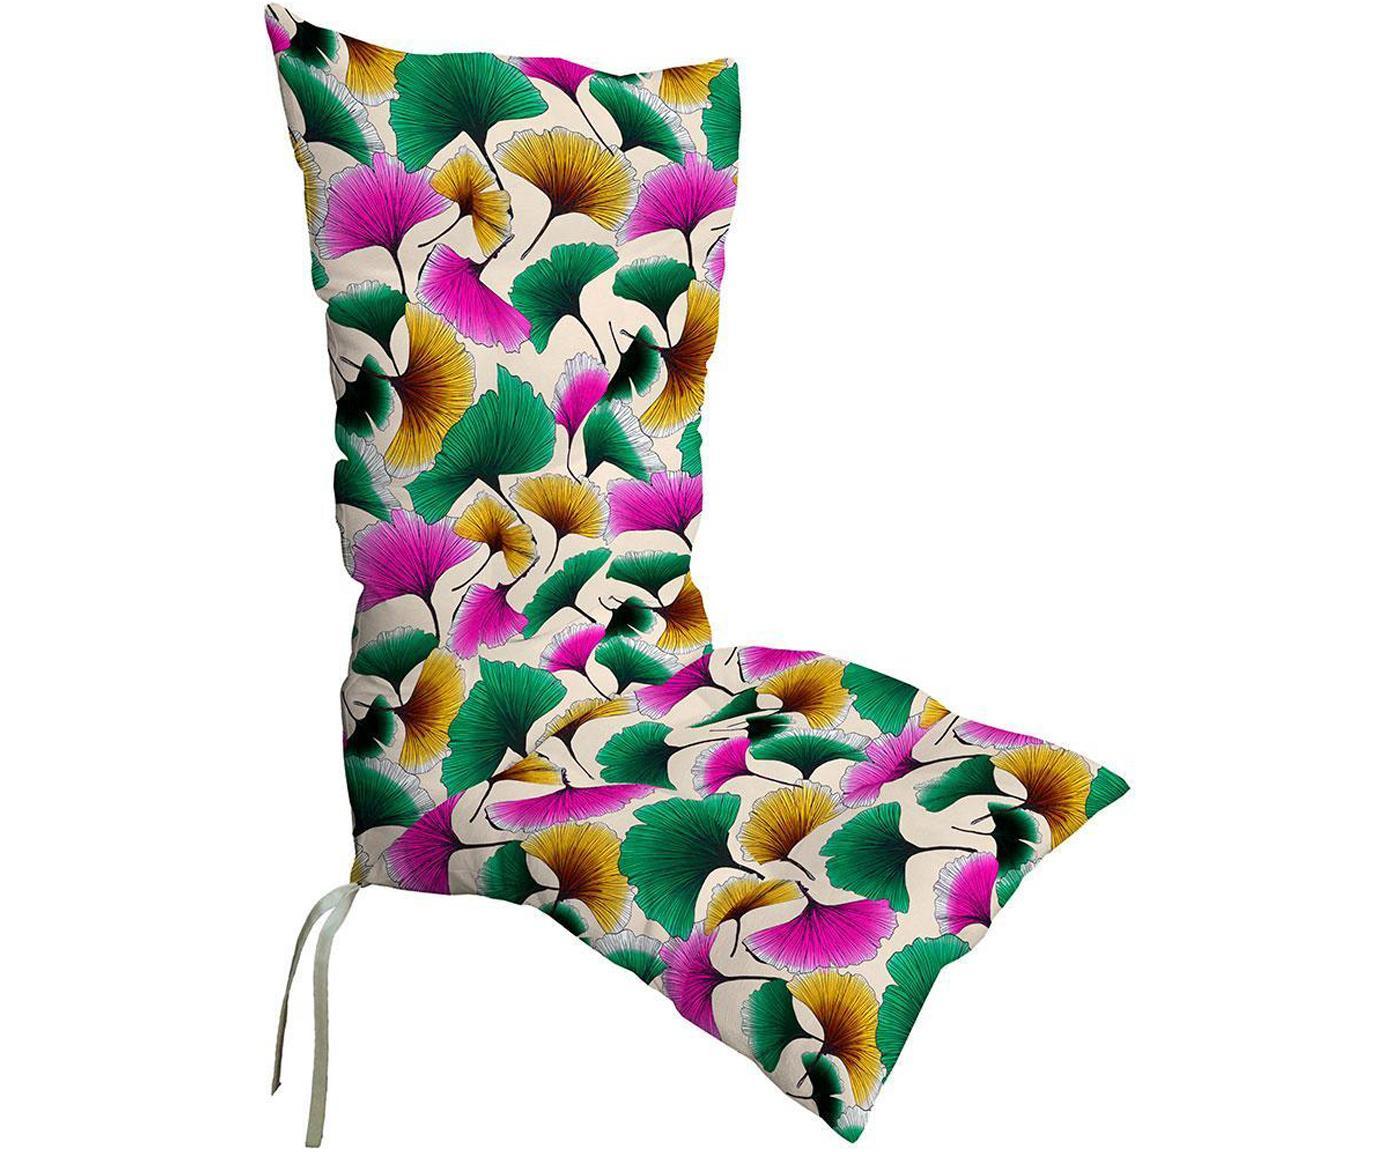 Cojín para silla con respaldo Mursi, Funda: fibra acrílica con teflon, Multicolor, An 50 x L 123 cm